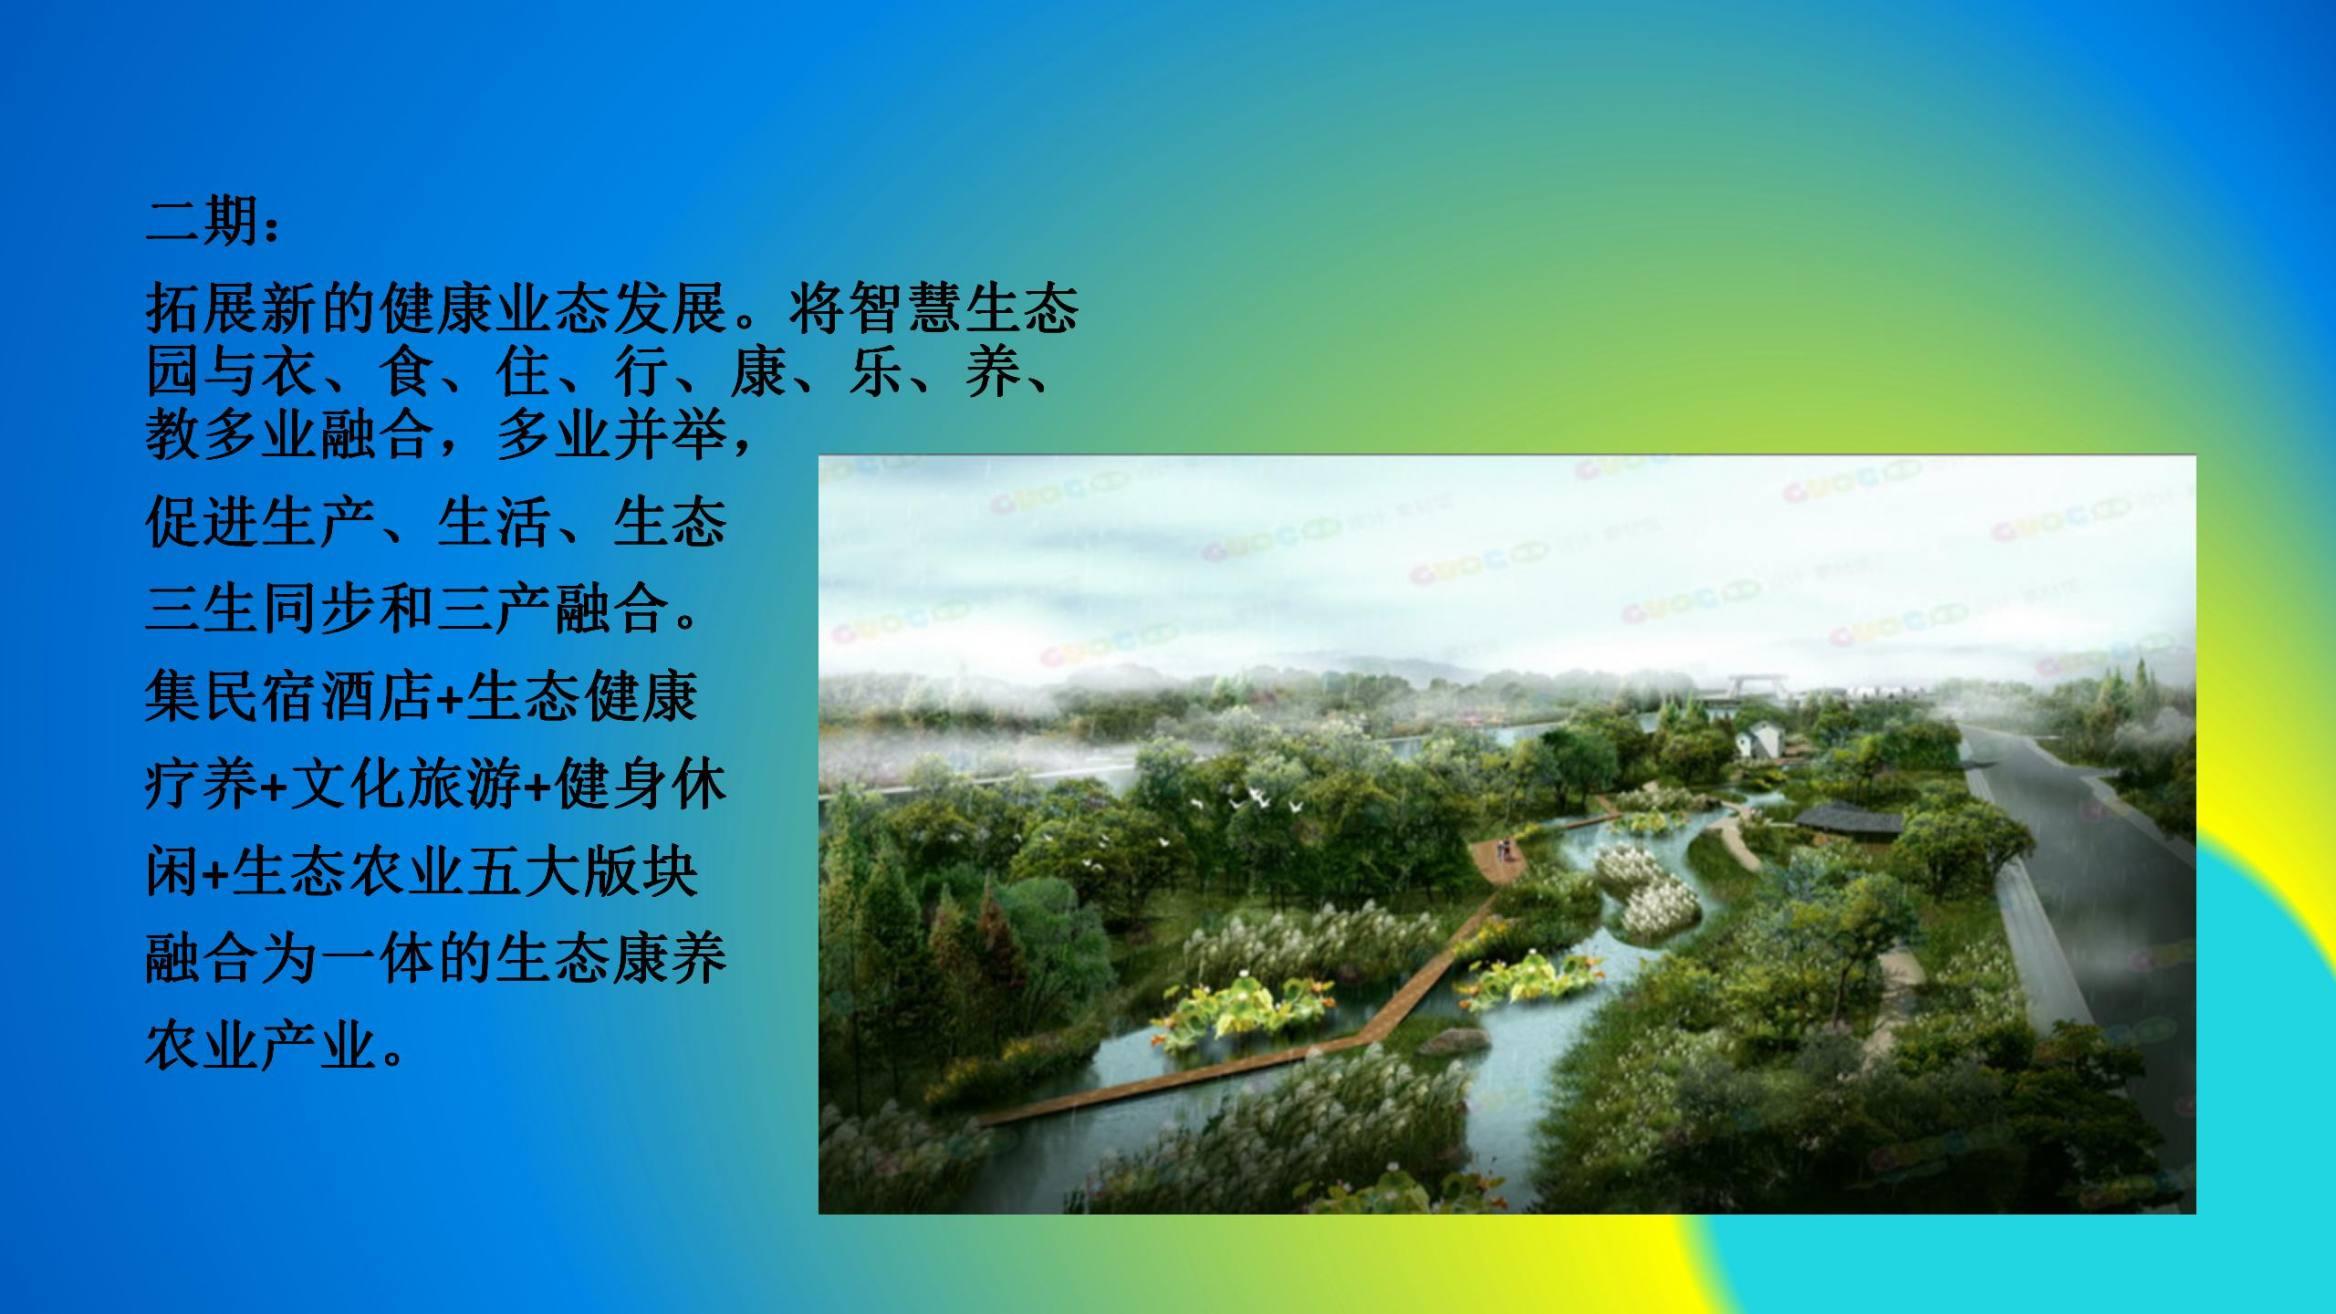 沈家船田园水乡智慧生态园 (1)